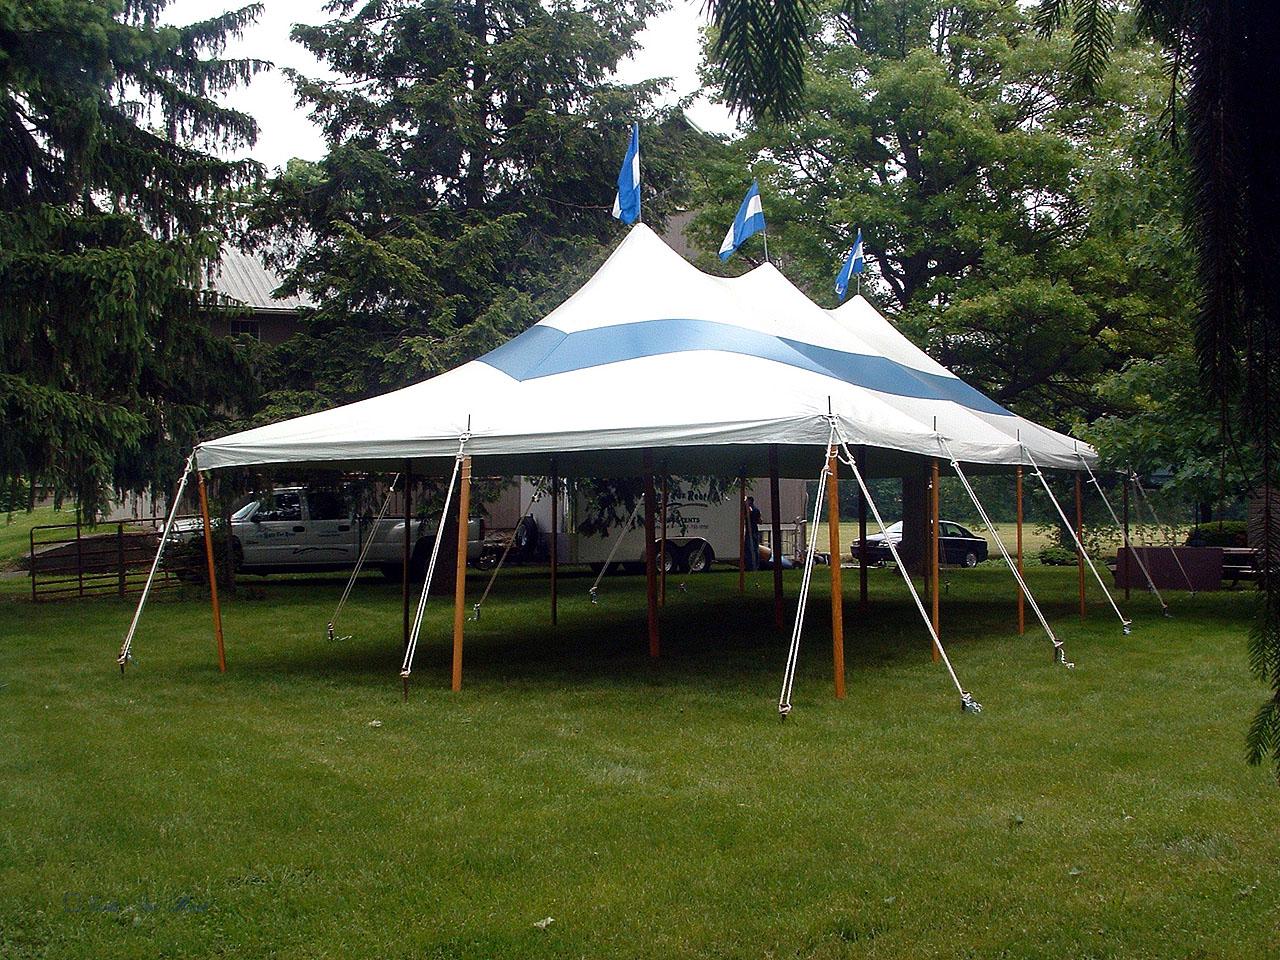 Blue grad party tent